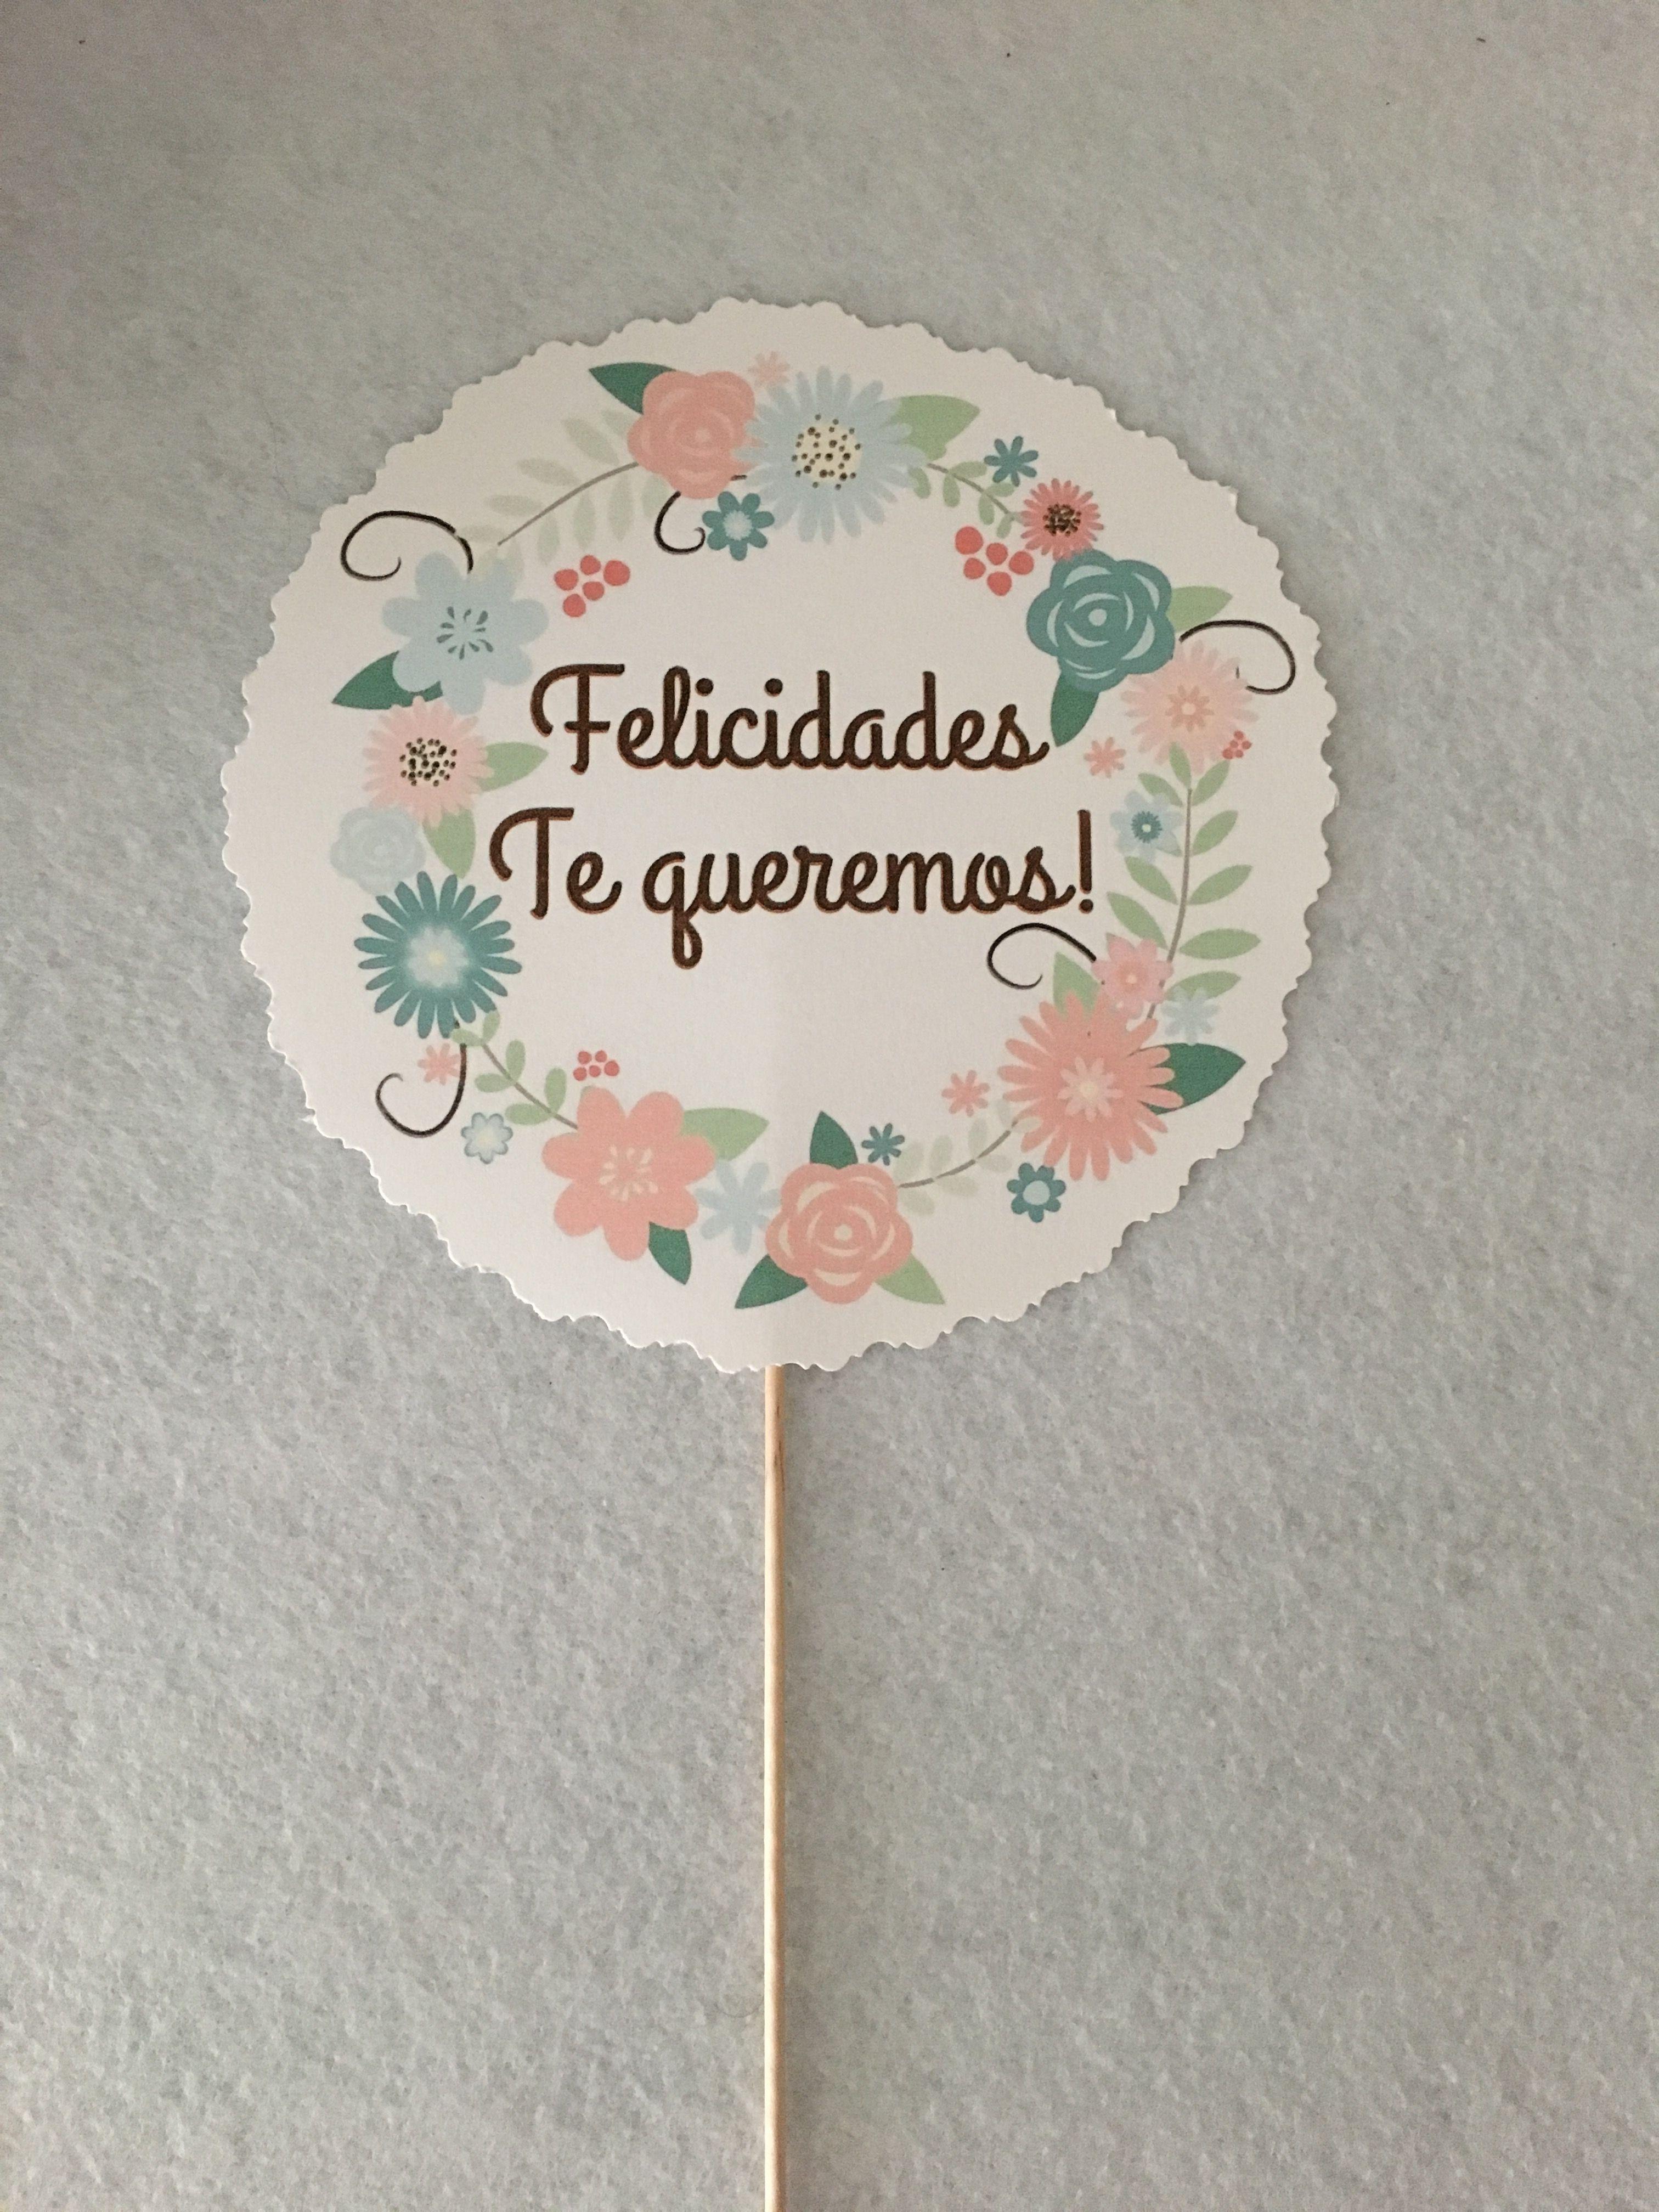 Muchísimas felicidades Isabel!! Espero que pases un gran día! Gracias Eli por contar conmigo para esta sorpresa 💋 #lenay #lenaydym #lenaydiseñoymanualidades #felicidades #happybirthday #decoratufiesta #guirnalda #handmade #hechoamano #flores #flowers